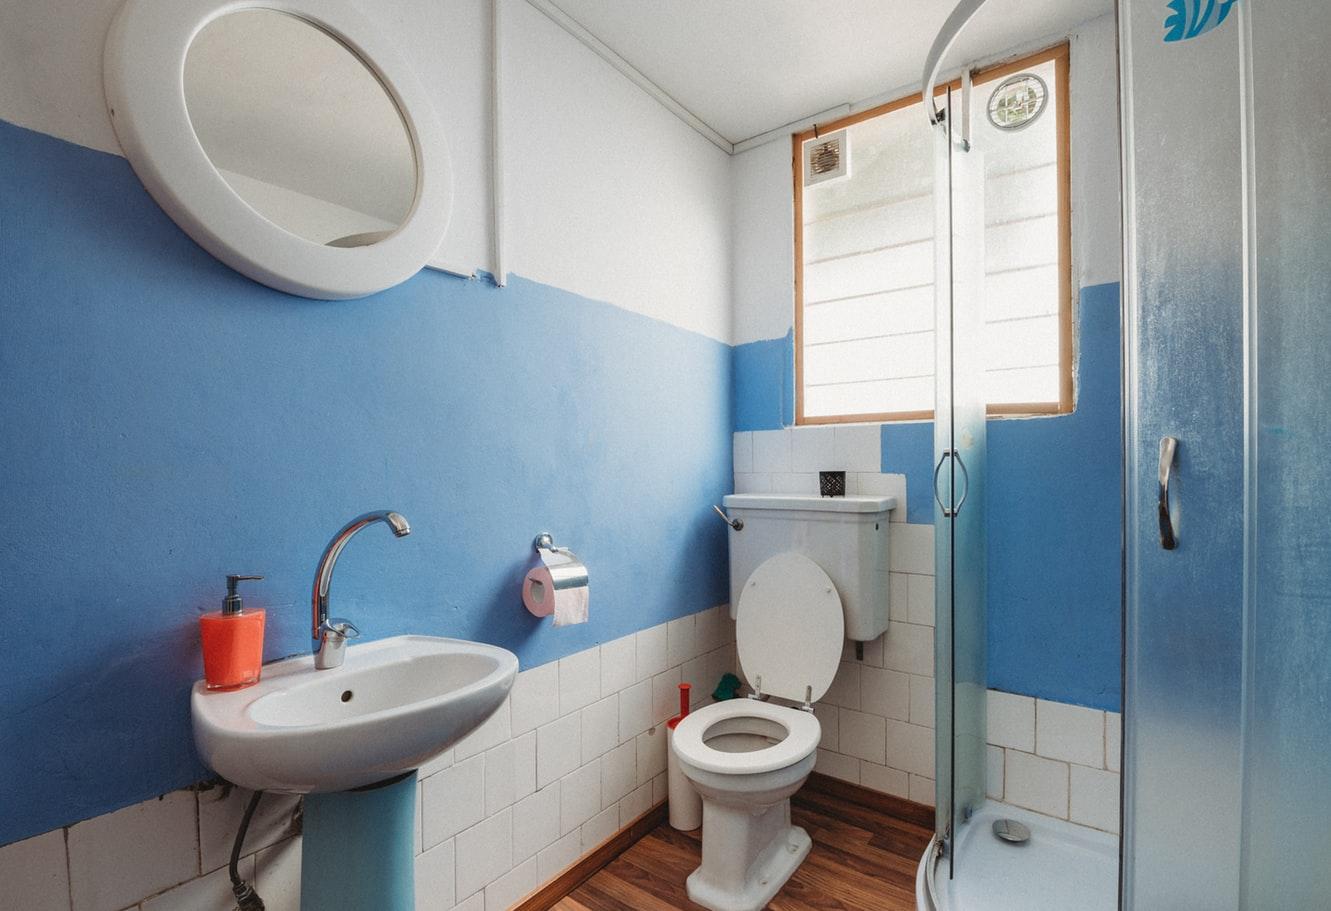 Comment détartrer des WC ?